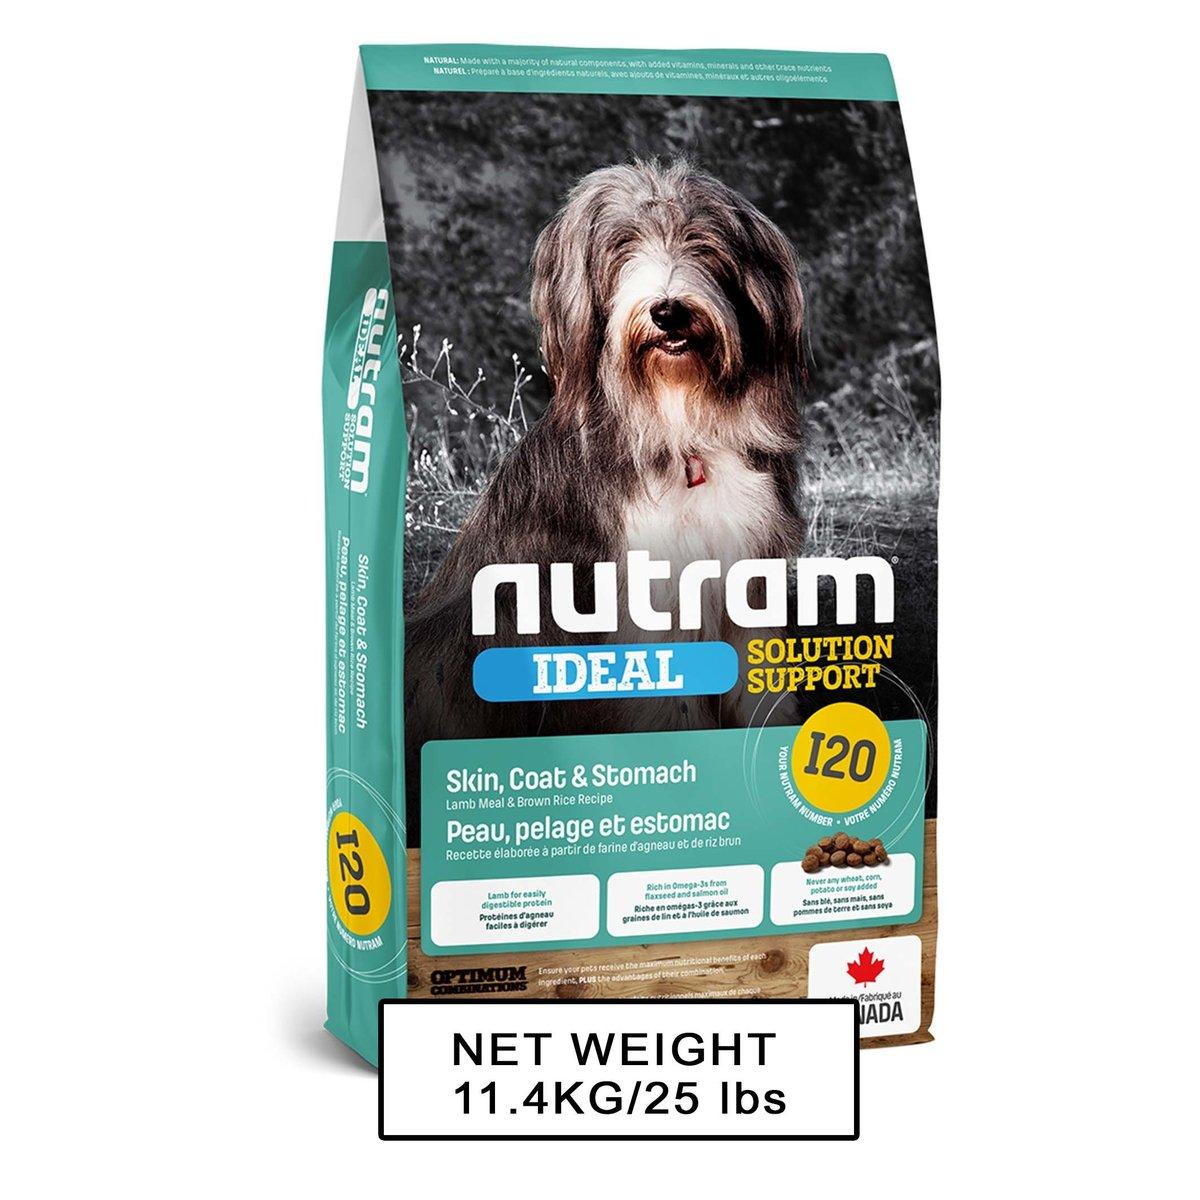 Nutram Ideal EU I20 Sensitive Dog - Skin, Coat & Stomach  11.4kg